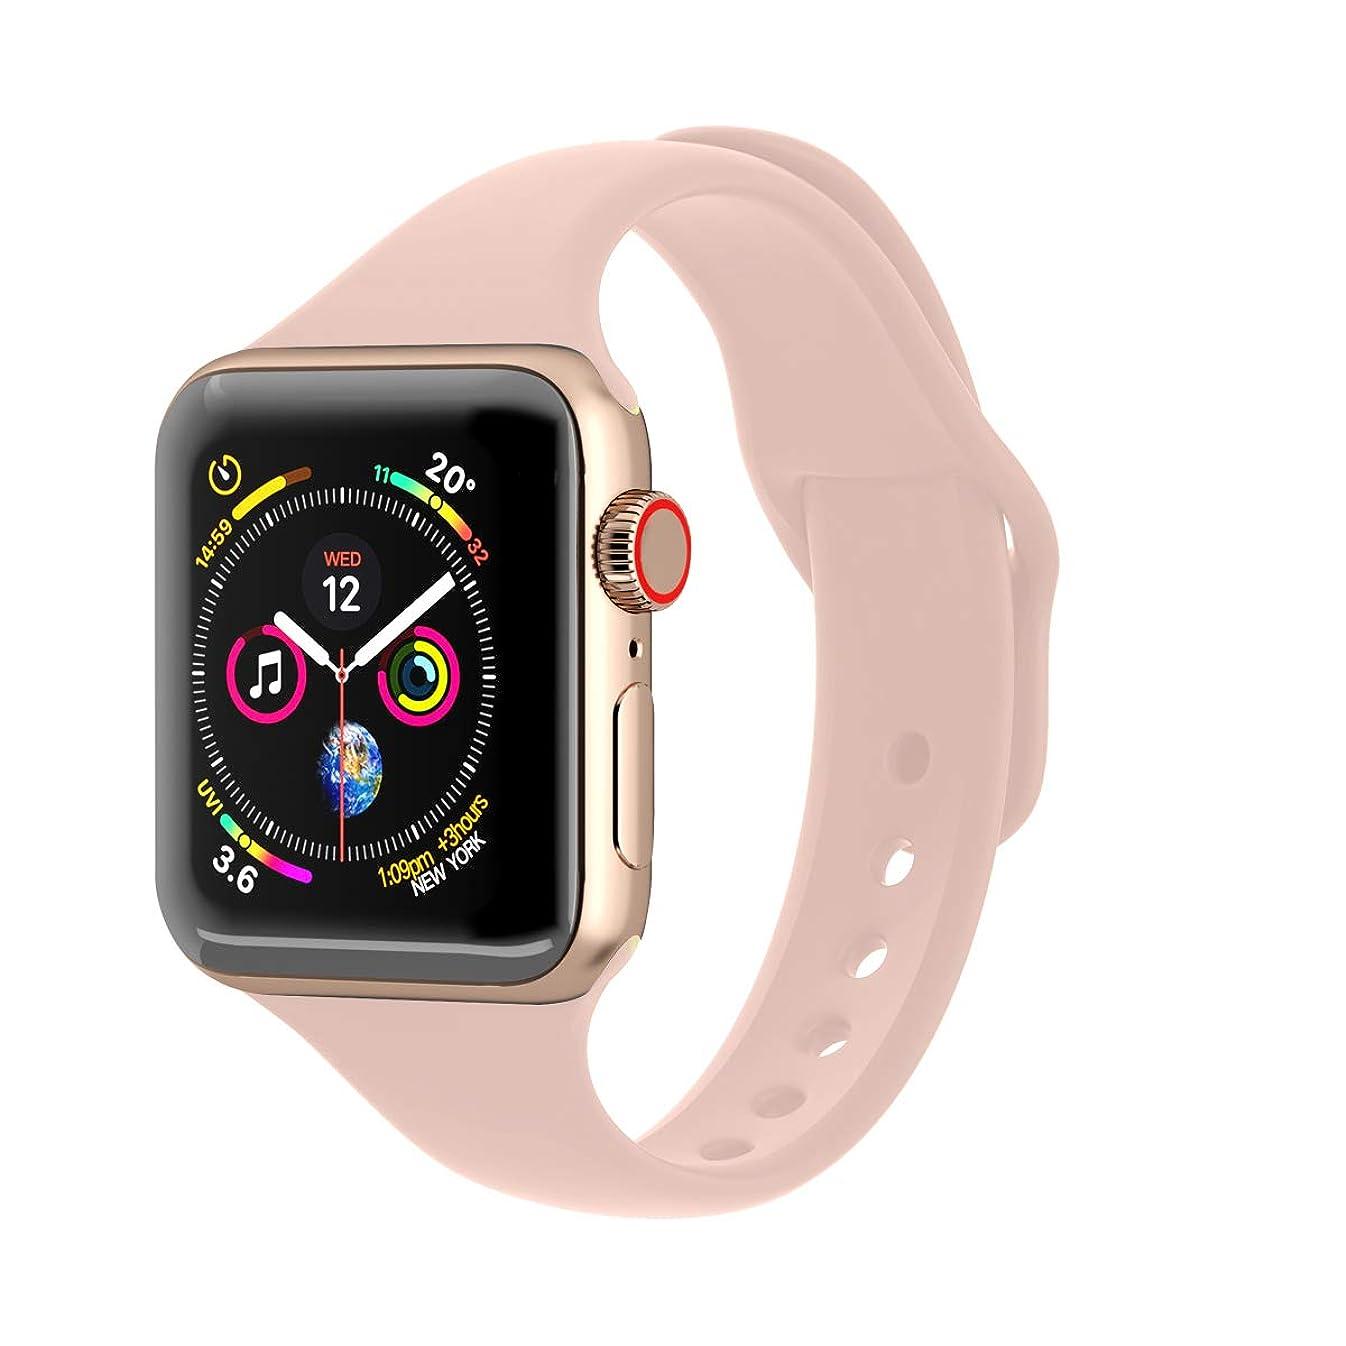 UPPU Watch バンド 柔らかいシリコンスポーツリストバンド、互換 全Apple iwatch 38MM/40MM/42MM/44MM バンド 1、2、3、4世代対応